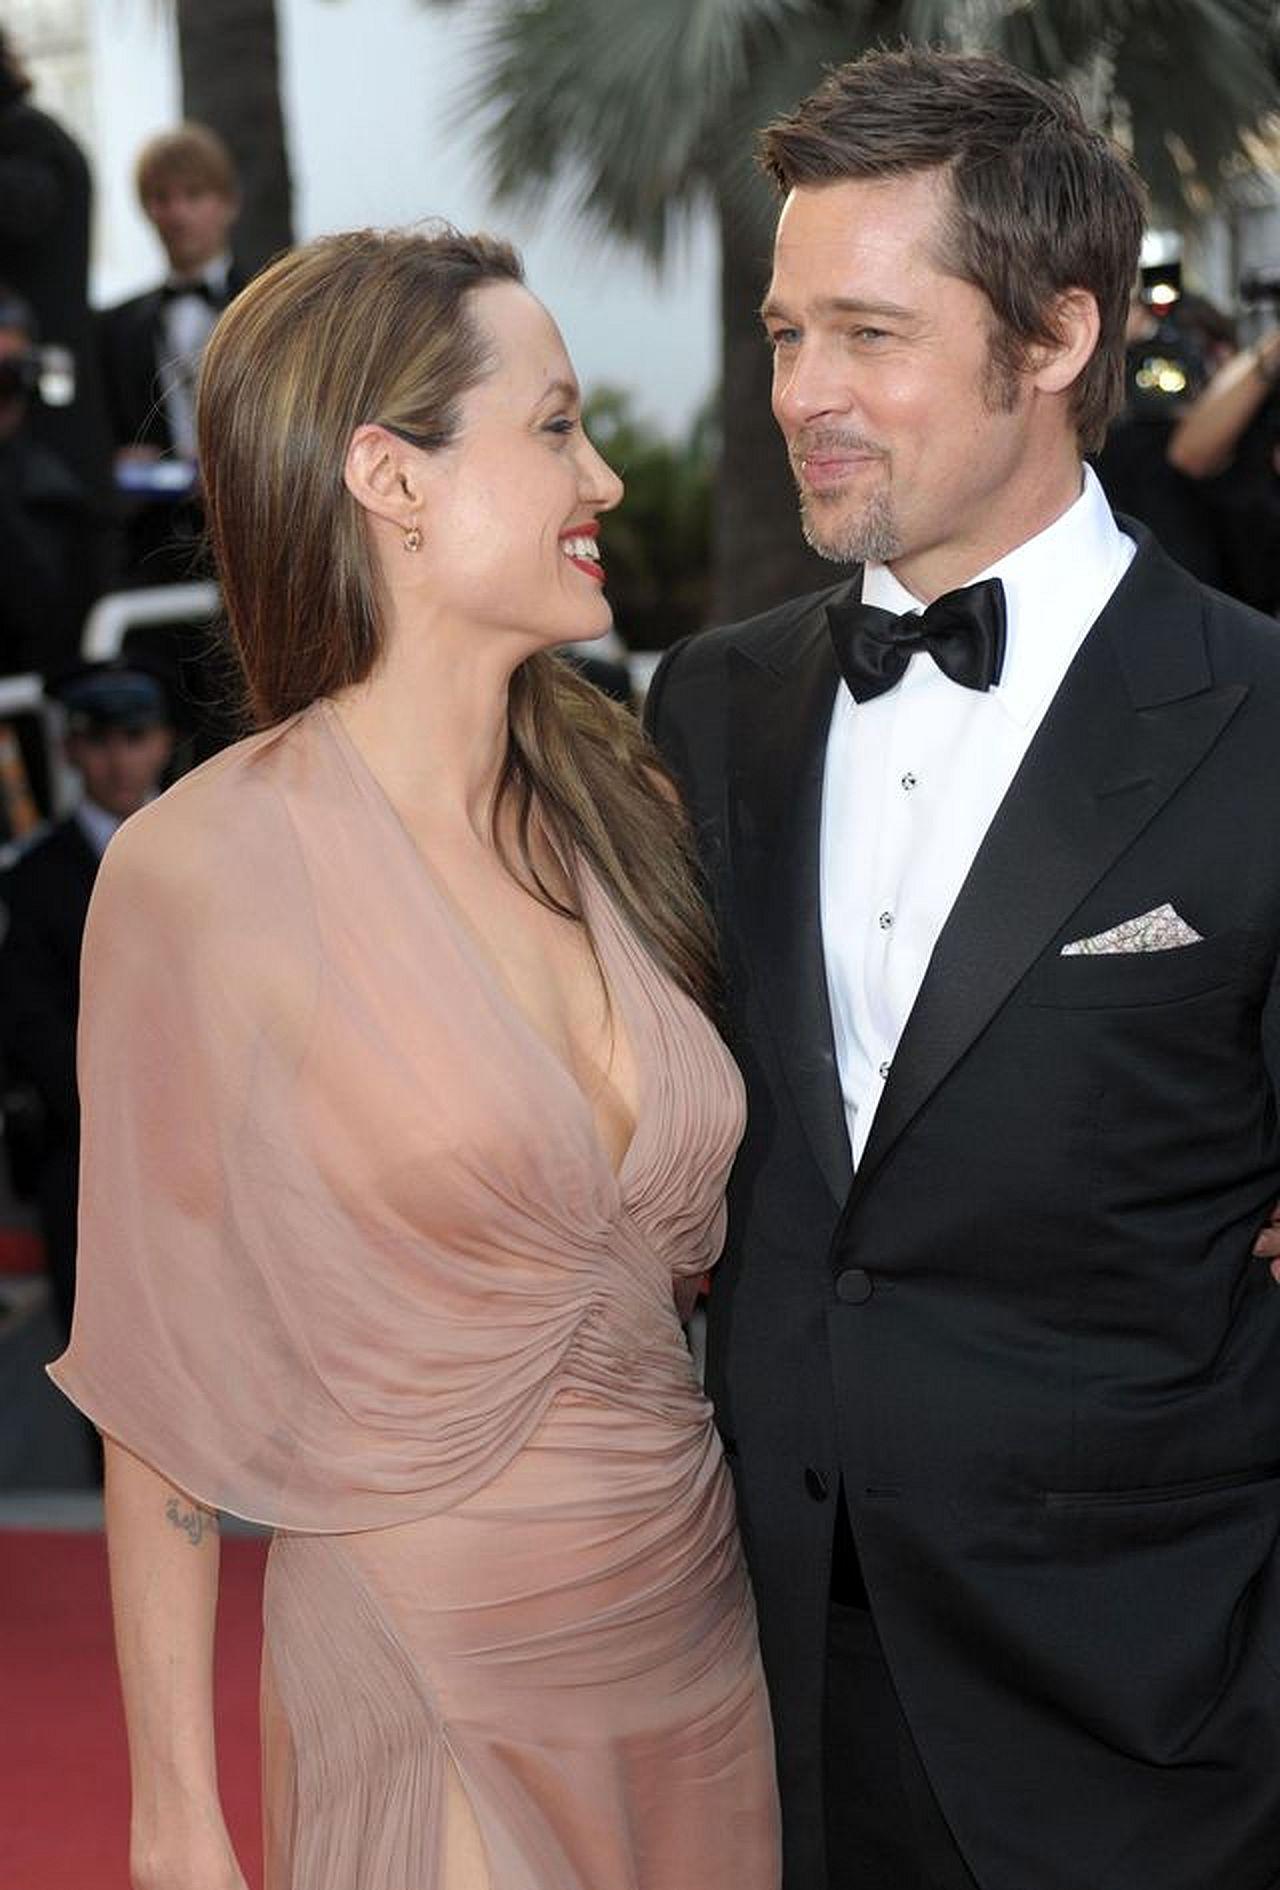 SZOK! Brad i Angelina POGODZILI się? Był u niej w DOMU